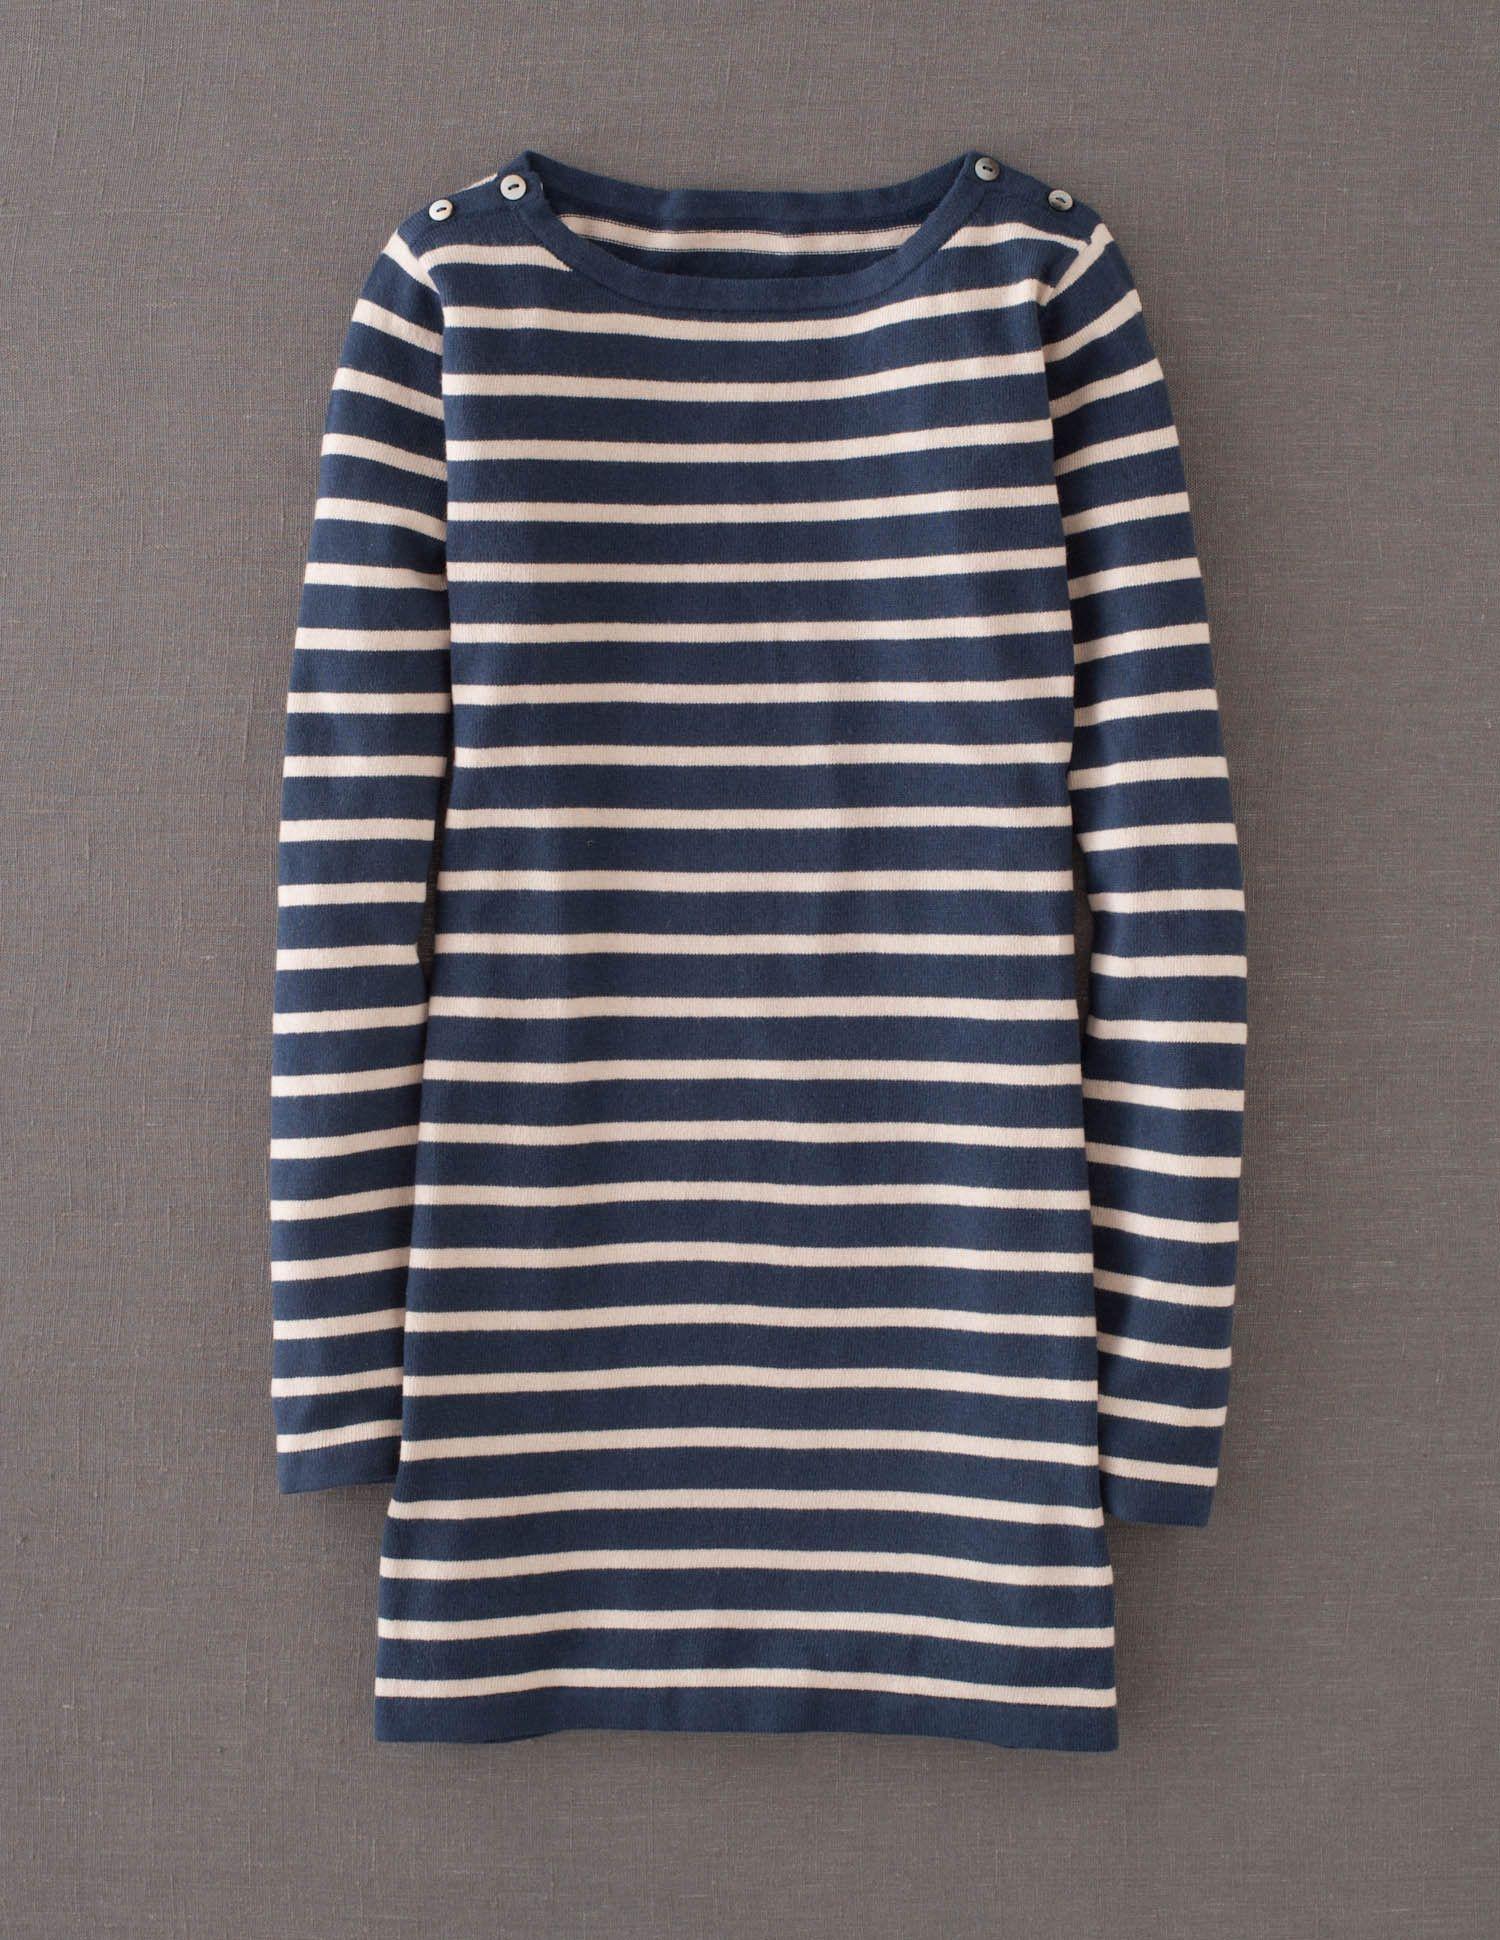 17d5063f82 Boden Women s Brand New Stripy Jumper List Price  98 Navy Stripe ...